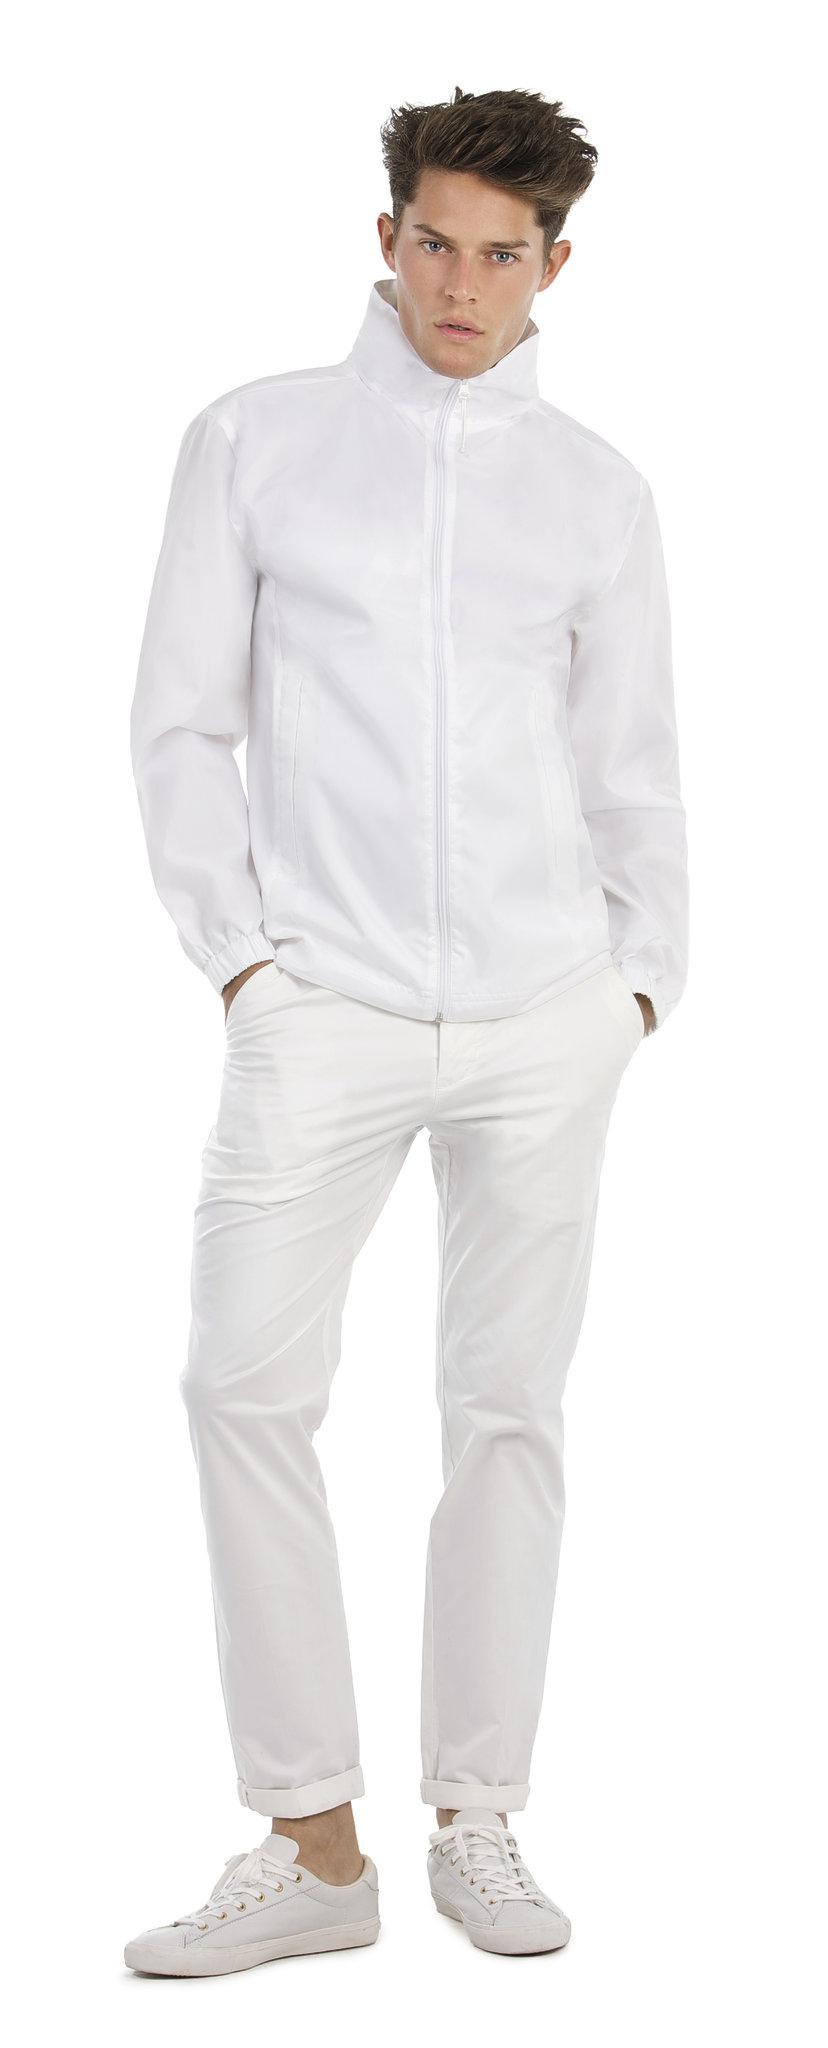 Coupe-vent publicitaire Knit blanc - coupe-vent personnalisable